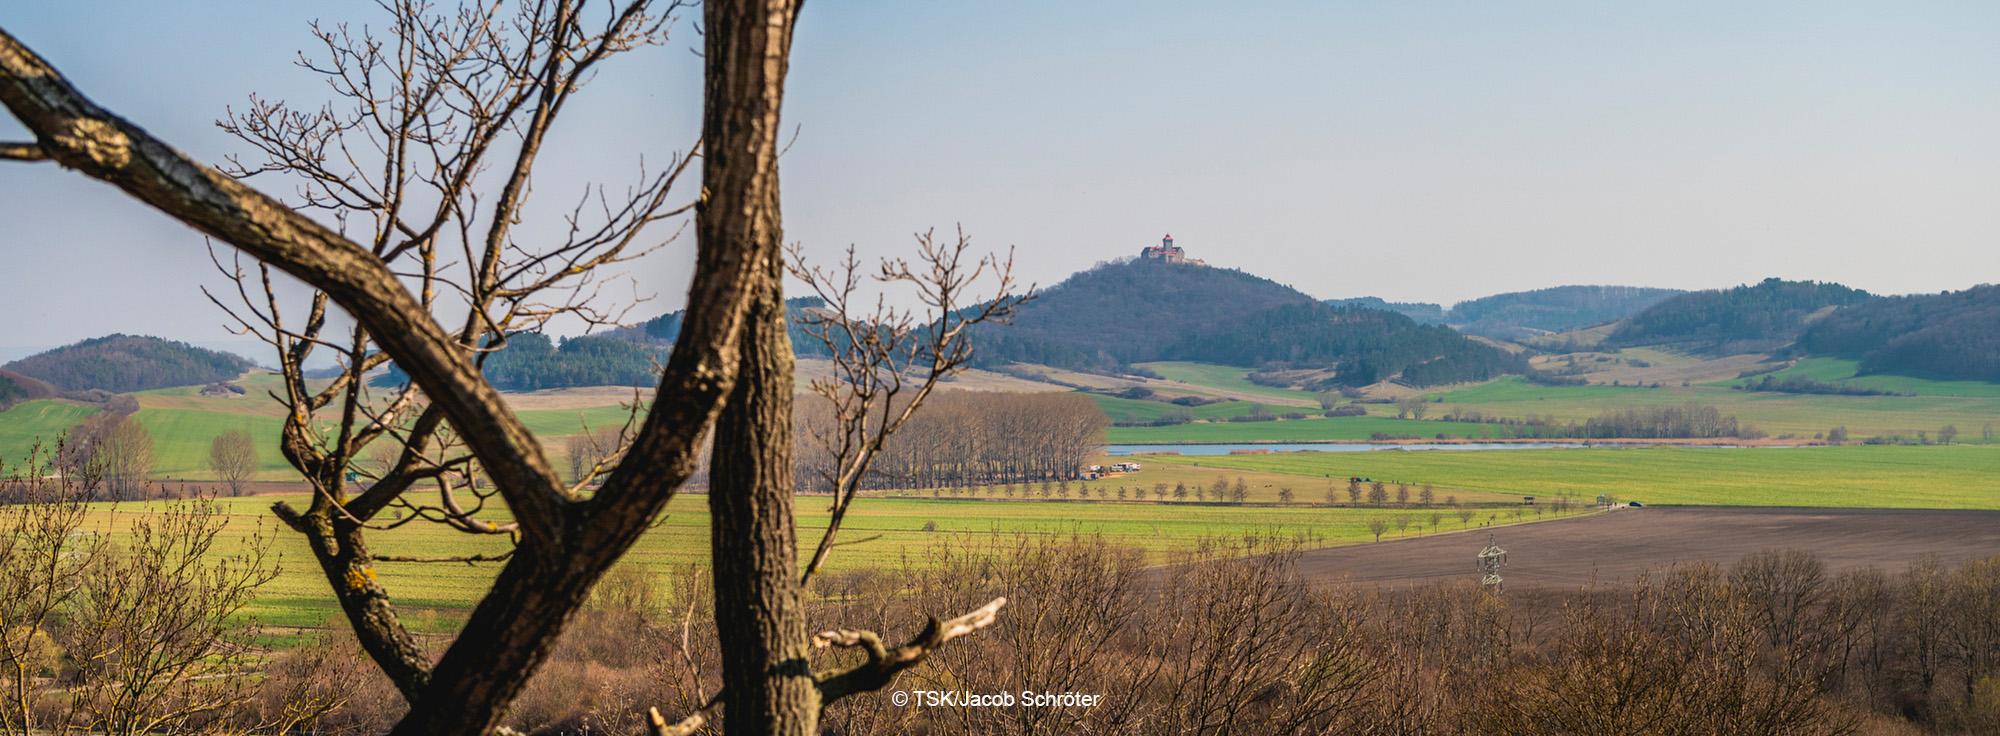 Landschaft im Thüringer Becken, Blick auf Wachsenburg